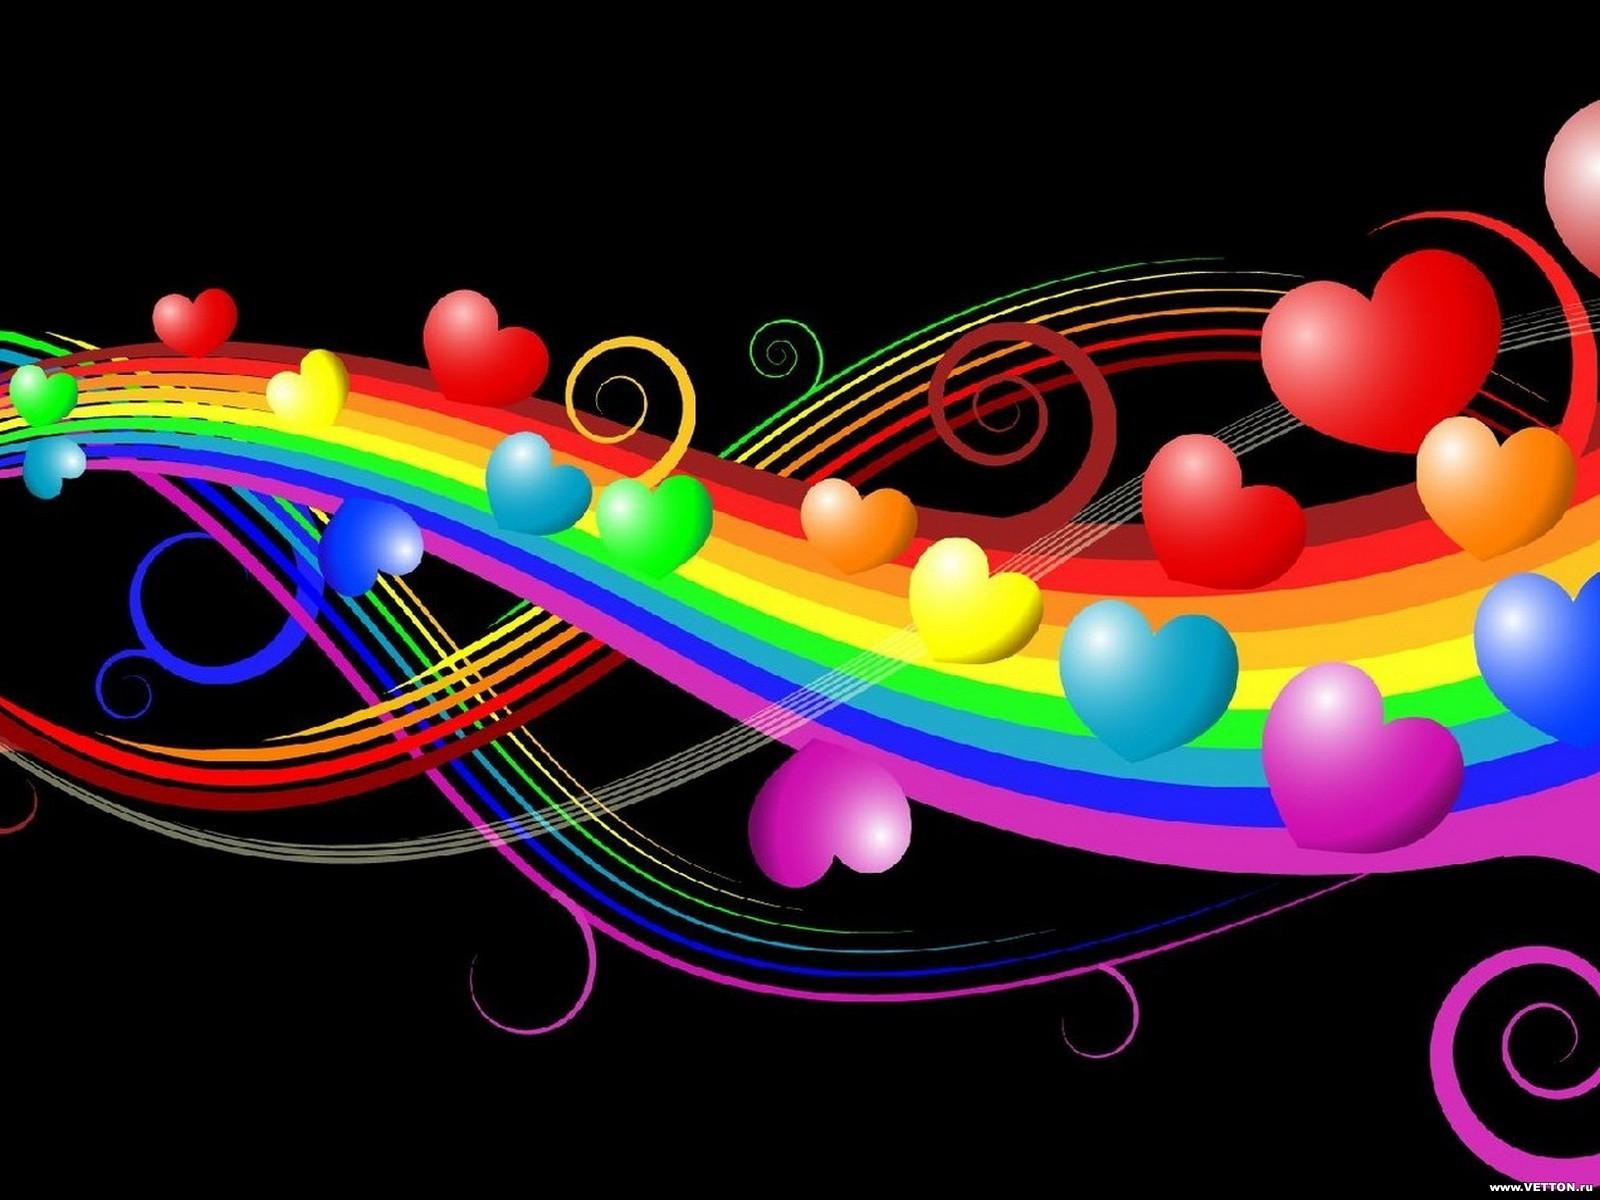 Pretty Colorful Backgrounds wallpaper Pretty Colorful Backgrounds hd 1600x1200